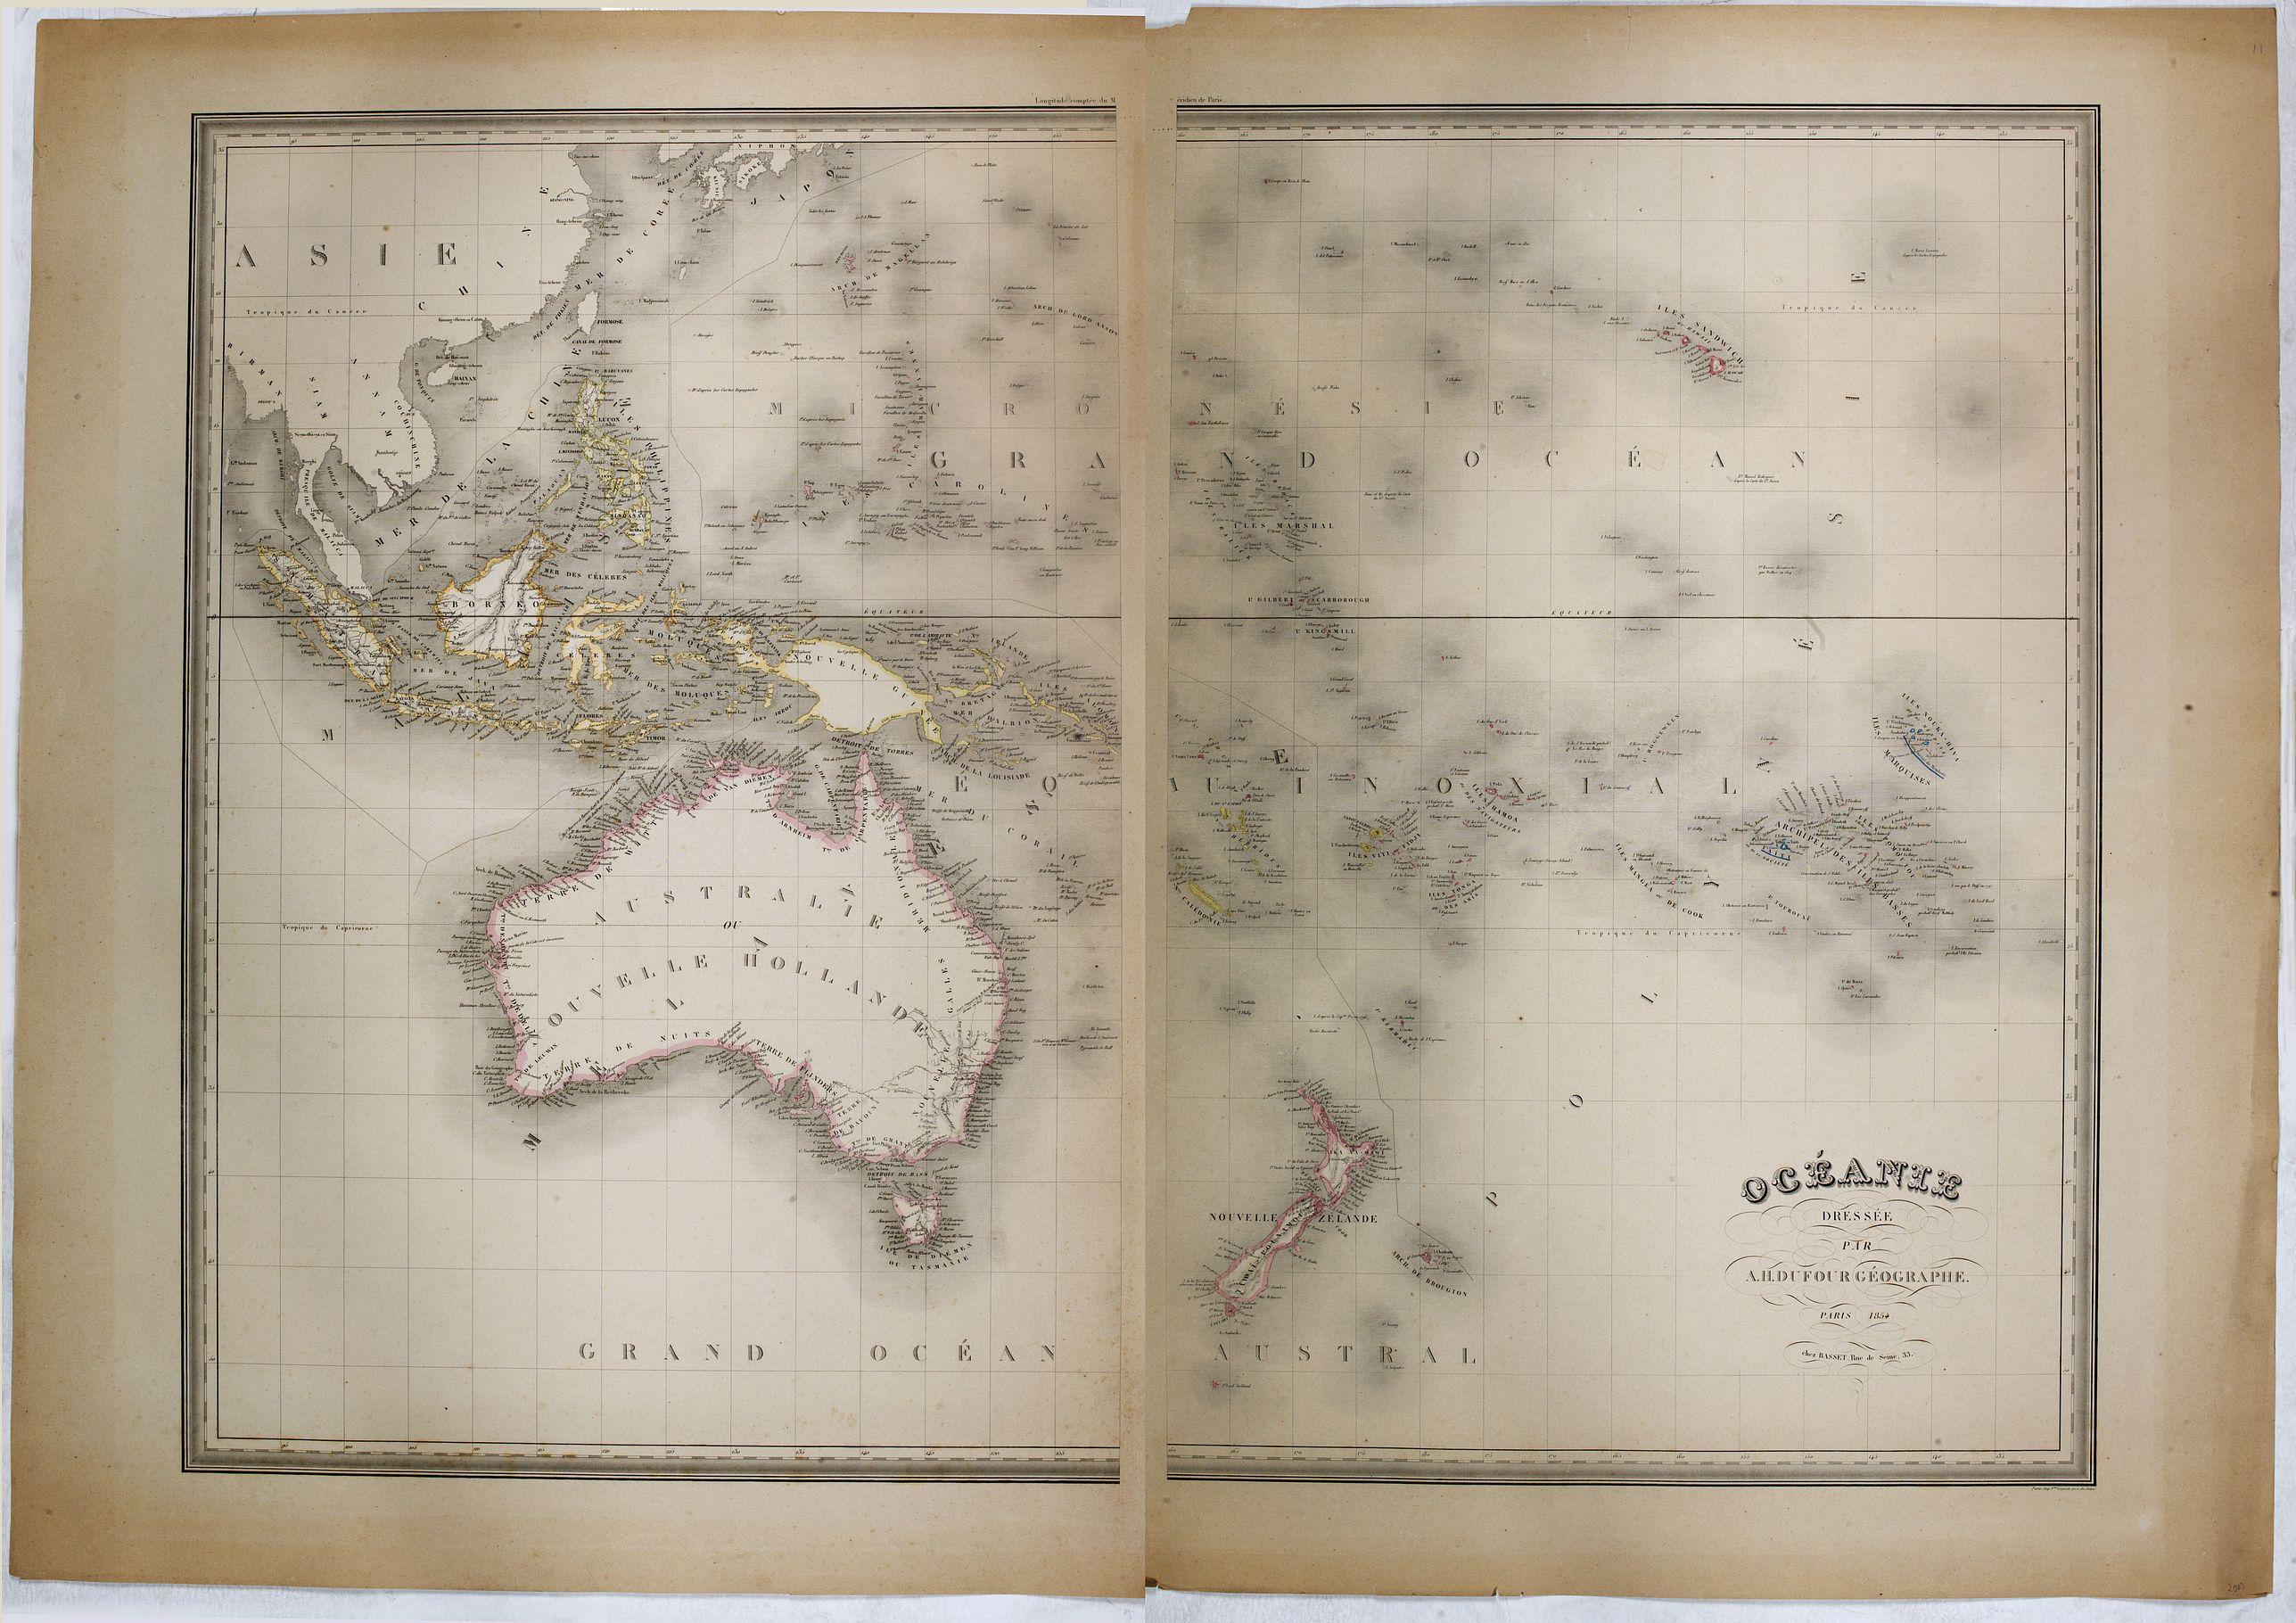 BASSET -  Océanie dressée par A.H. Dufour géographe.